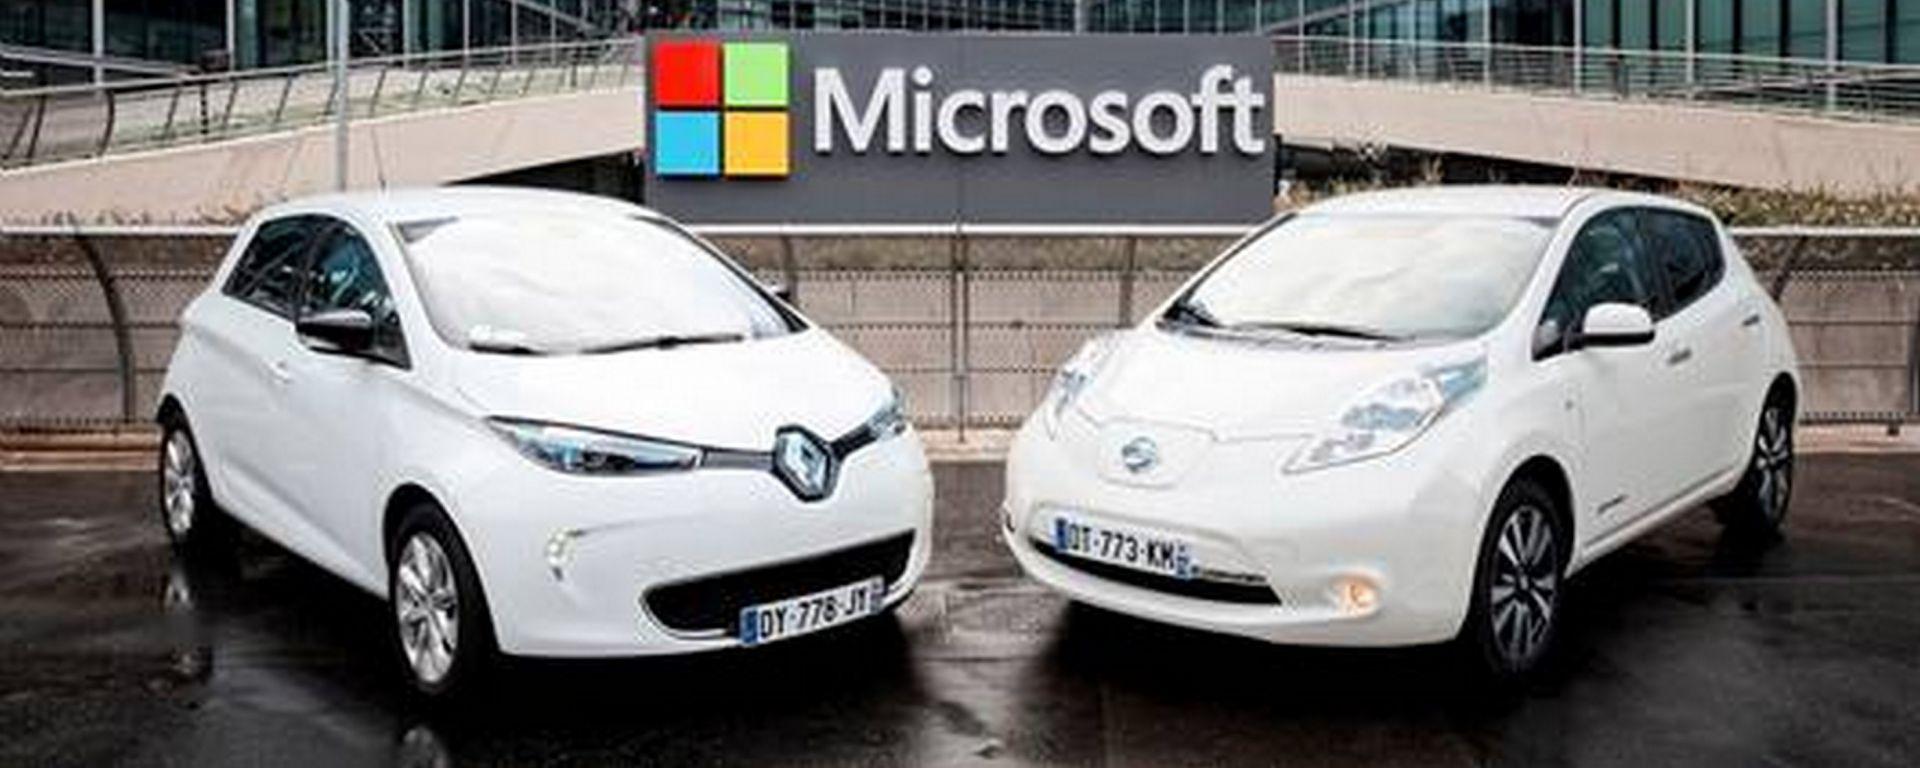 Renault-Nissan e Microsoft insieme per la guida connessa